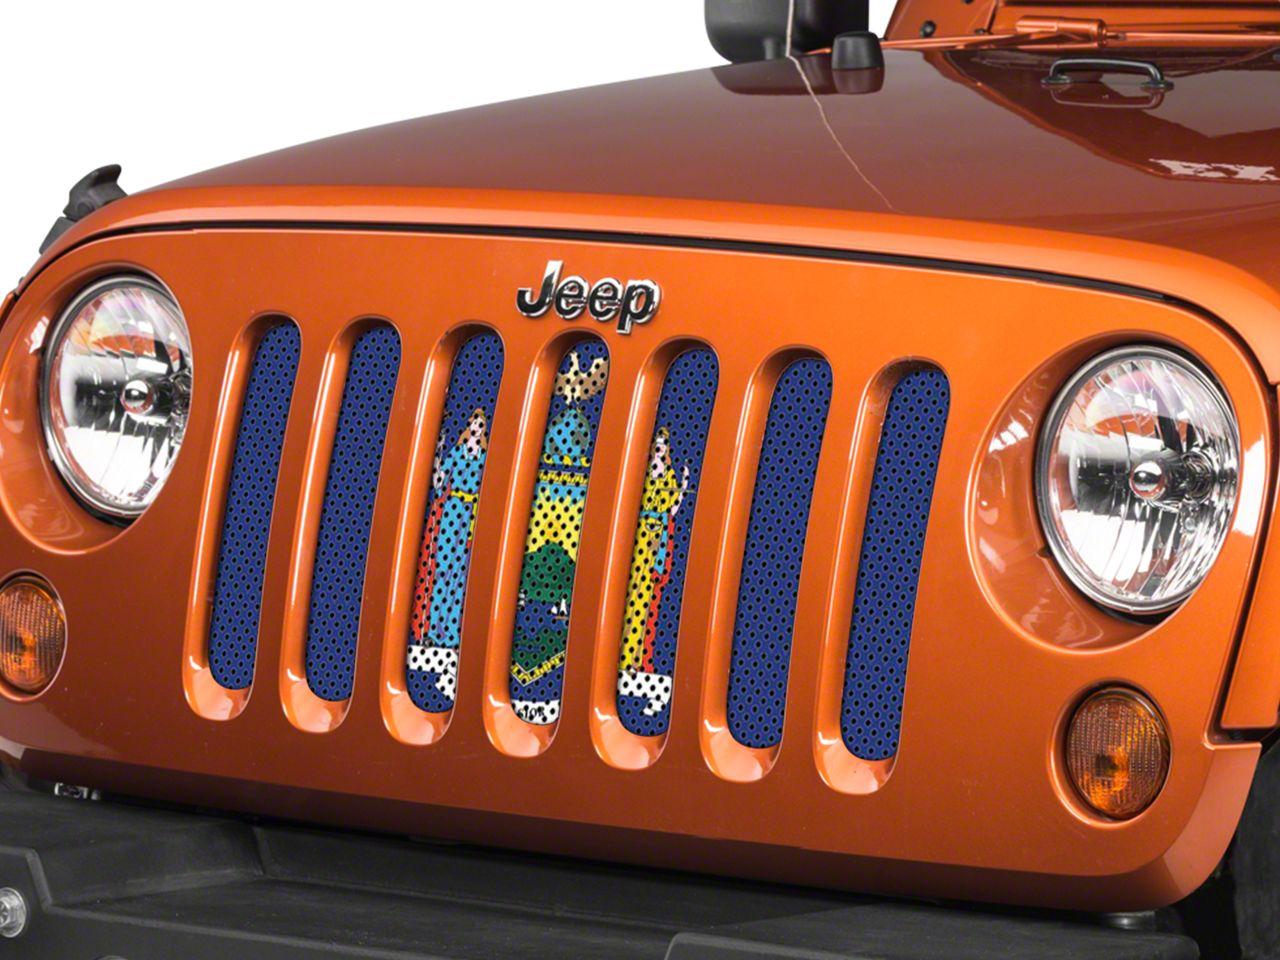 Under the Sun Grille Insert - New York State Flag (07-18 Jeep Wrangler JK)